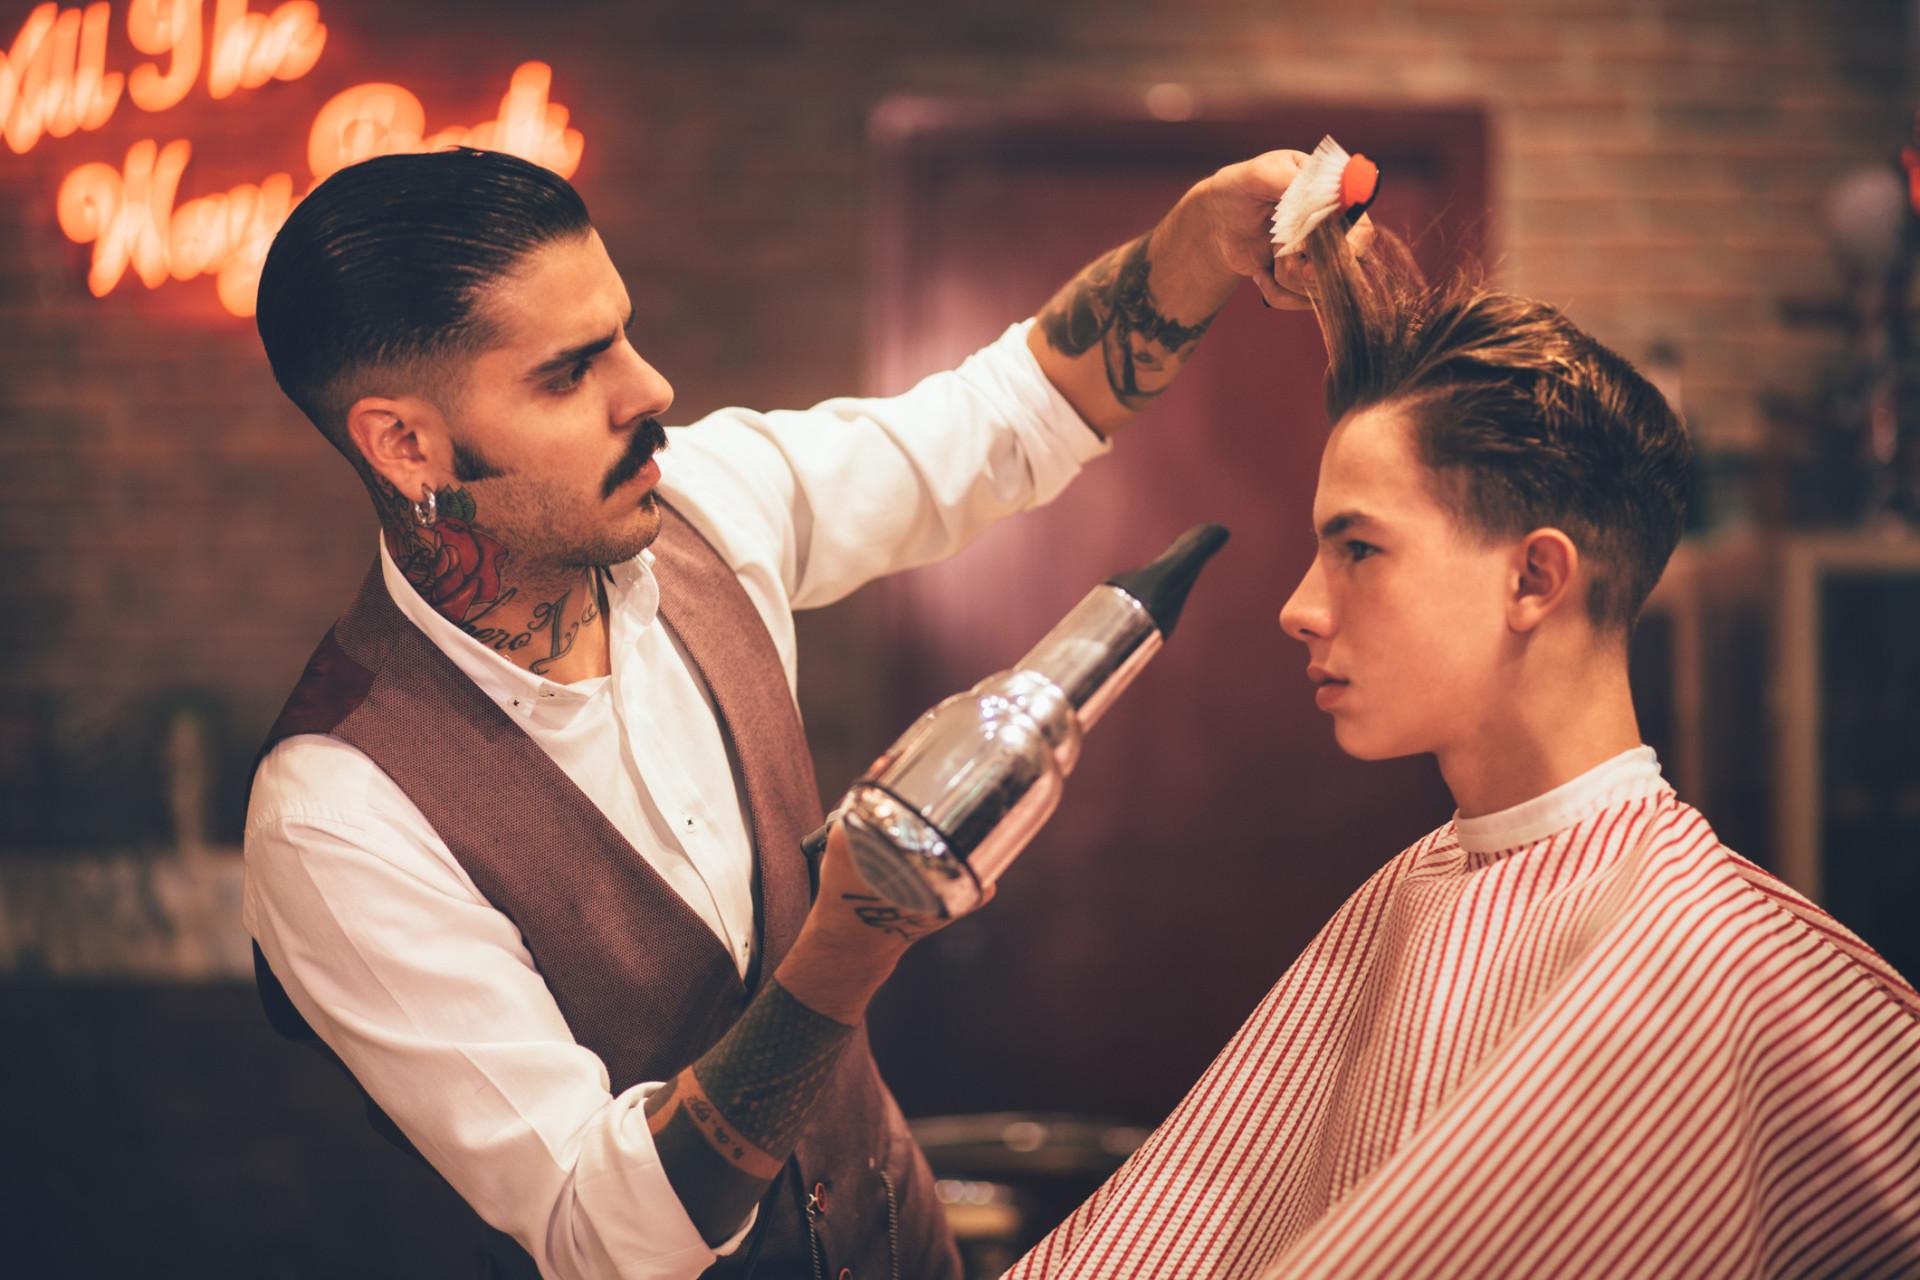 Haarverlust: Der Alptraum vieler Menschen